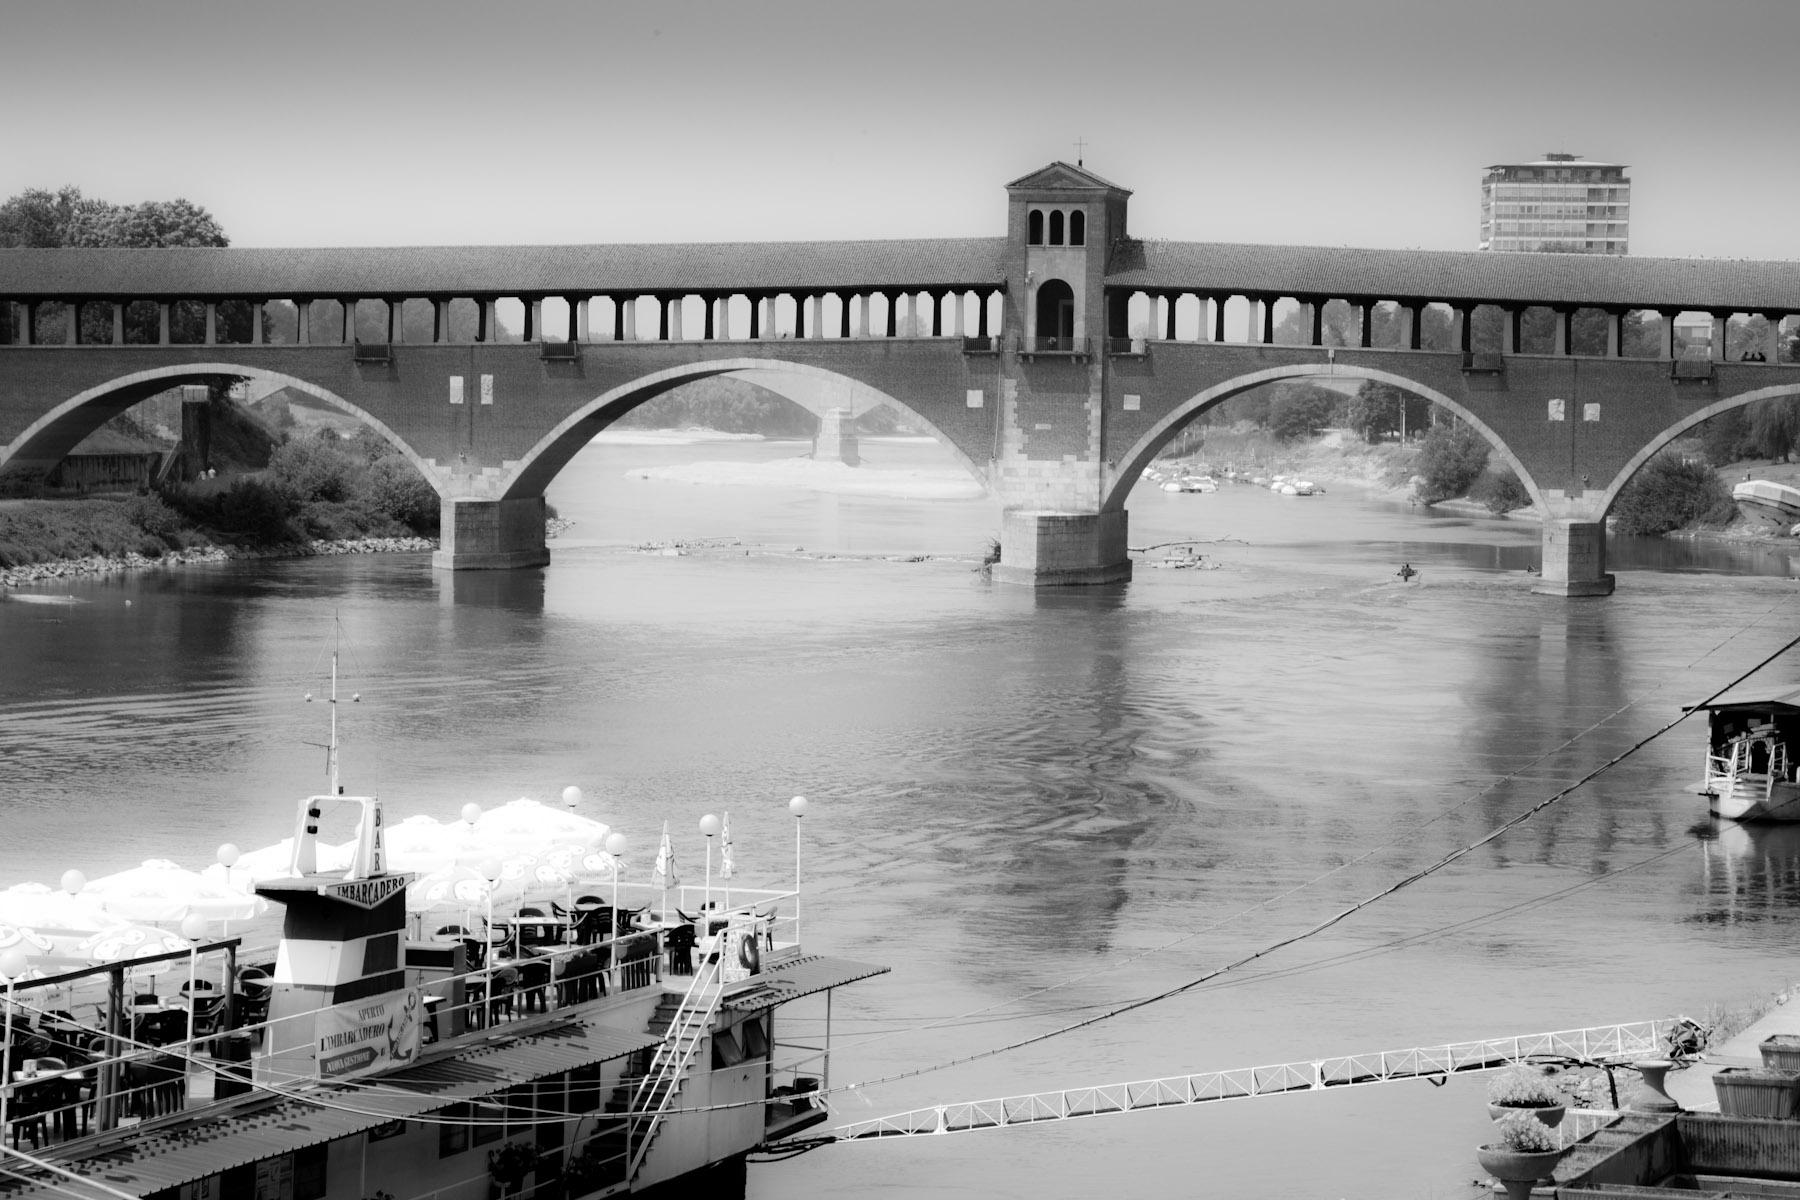 Il ponte Coperto a Pavia, emblema della città. Credit ©Eugenio Bersani